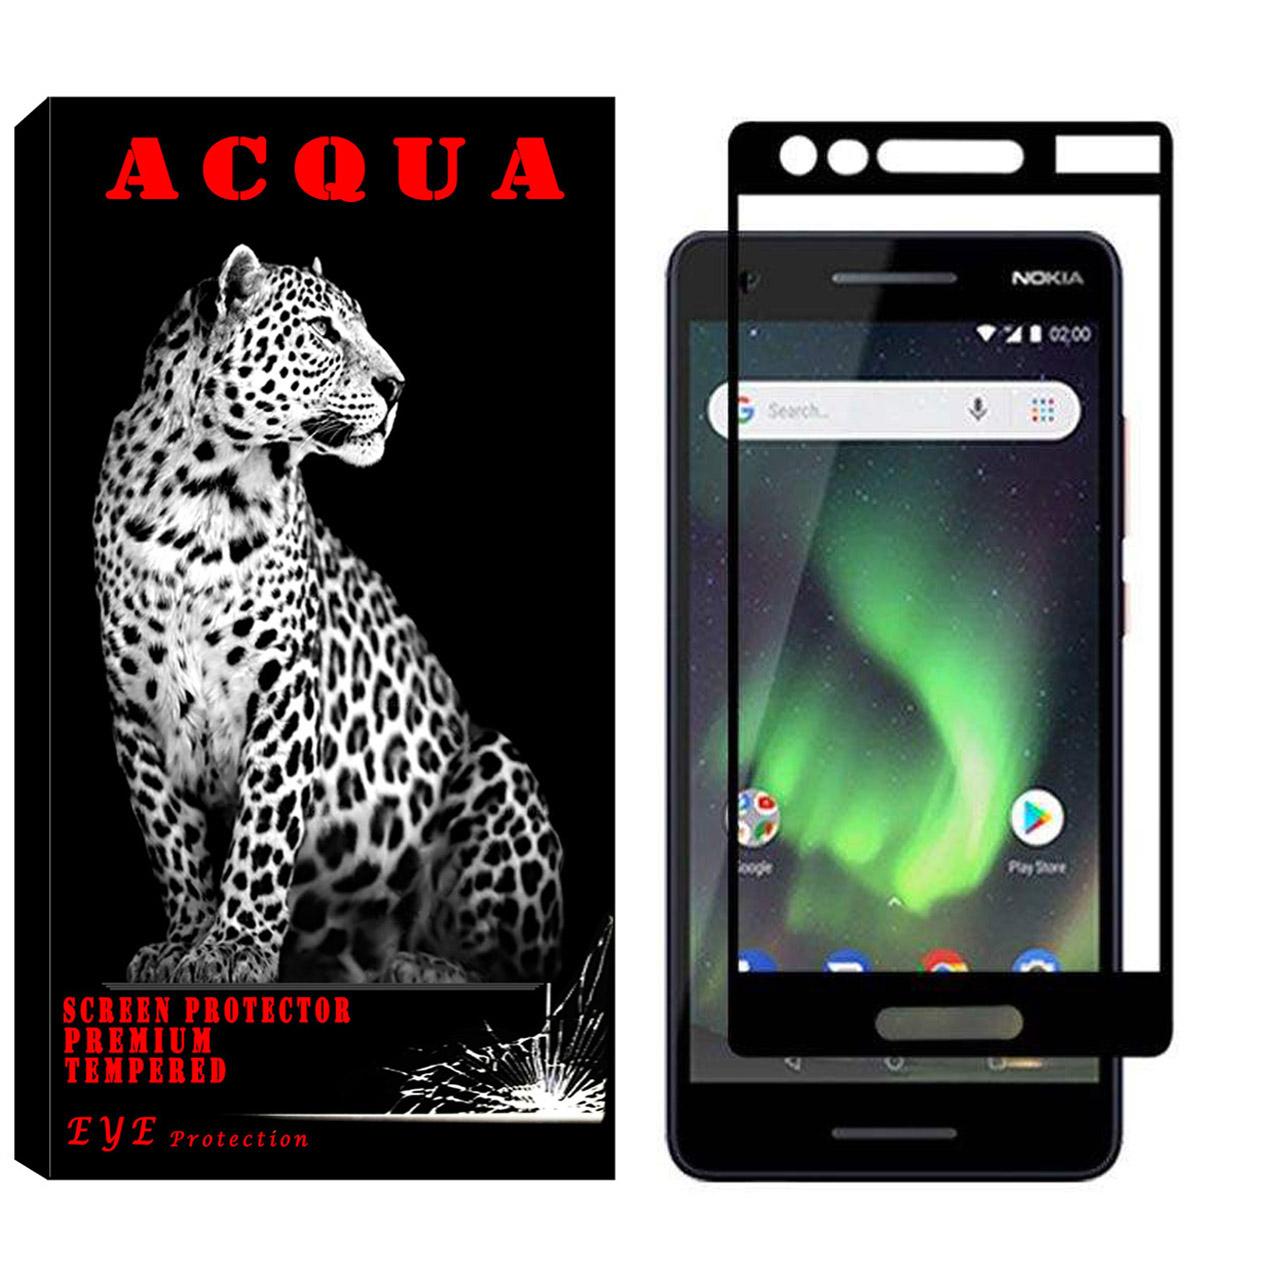 محافظ صفحه نمایش آکوا مدل NO مناسب برای گوشی موبایل نوکیا 2.1